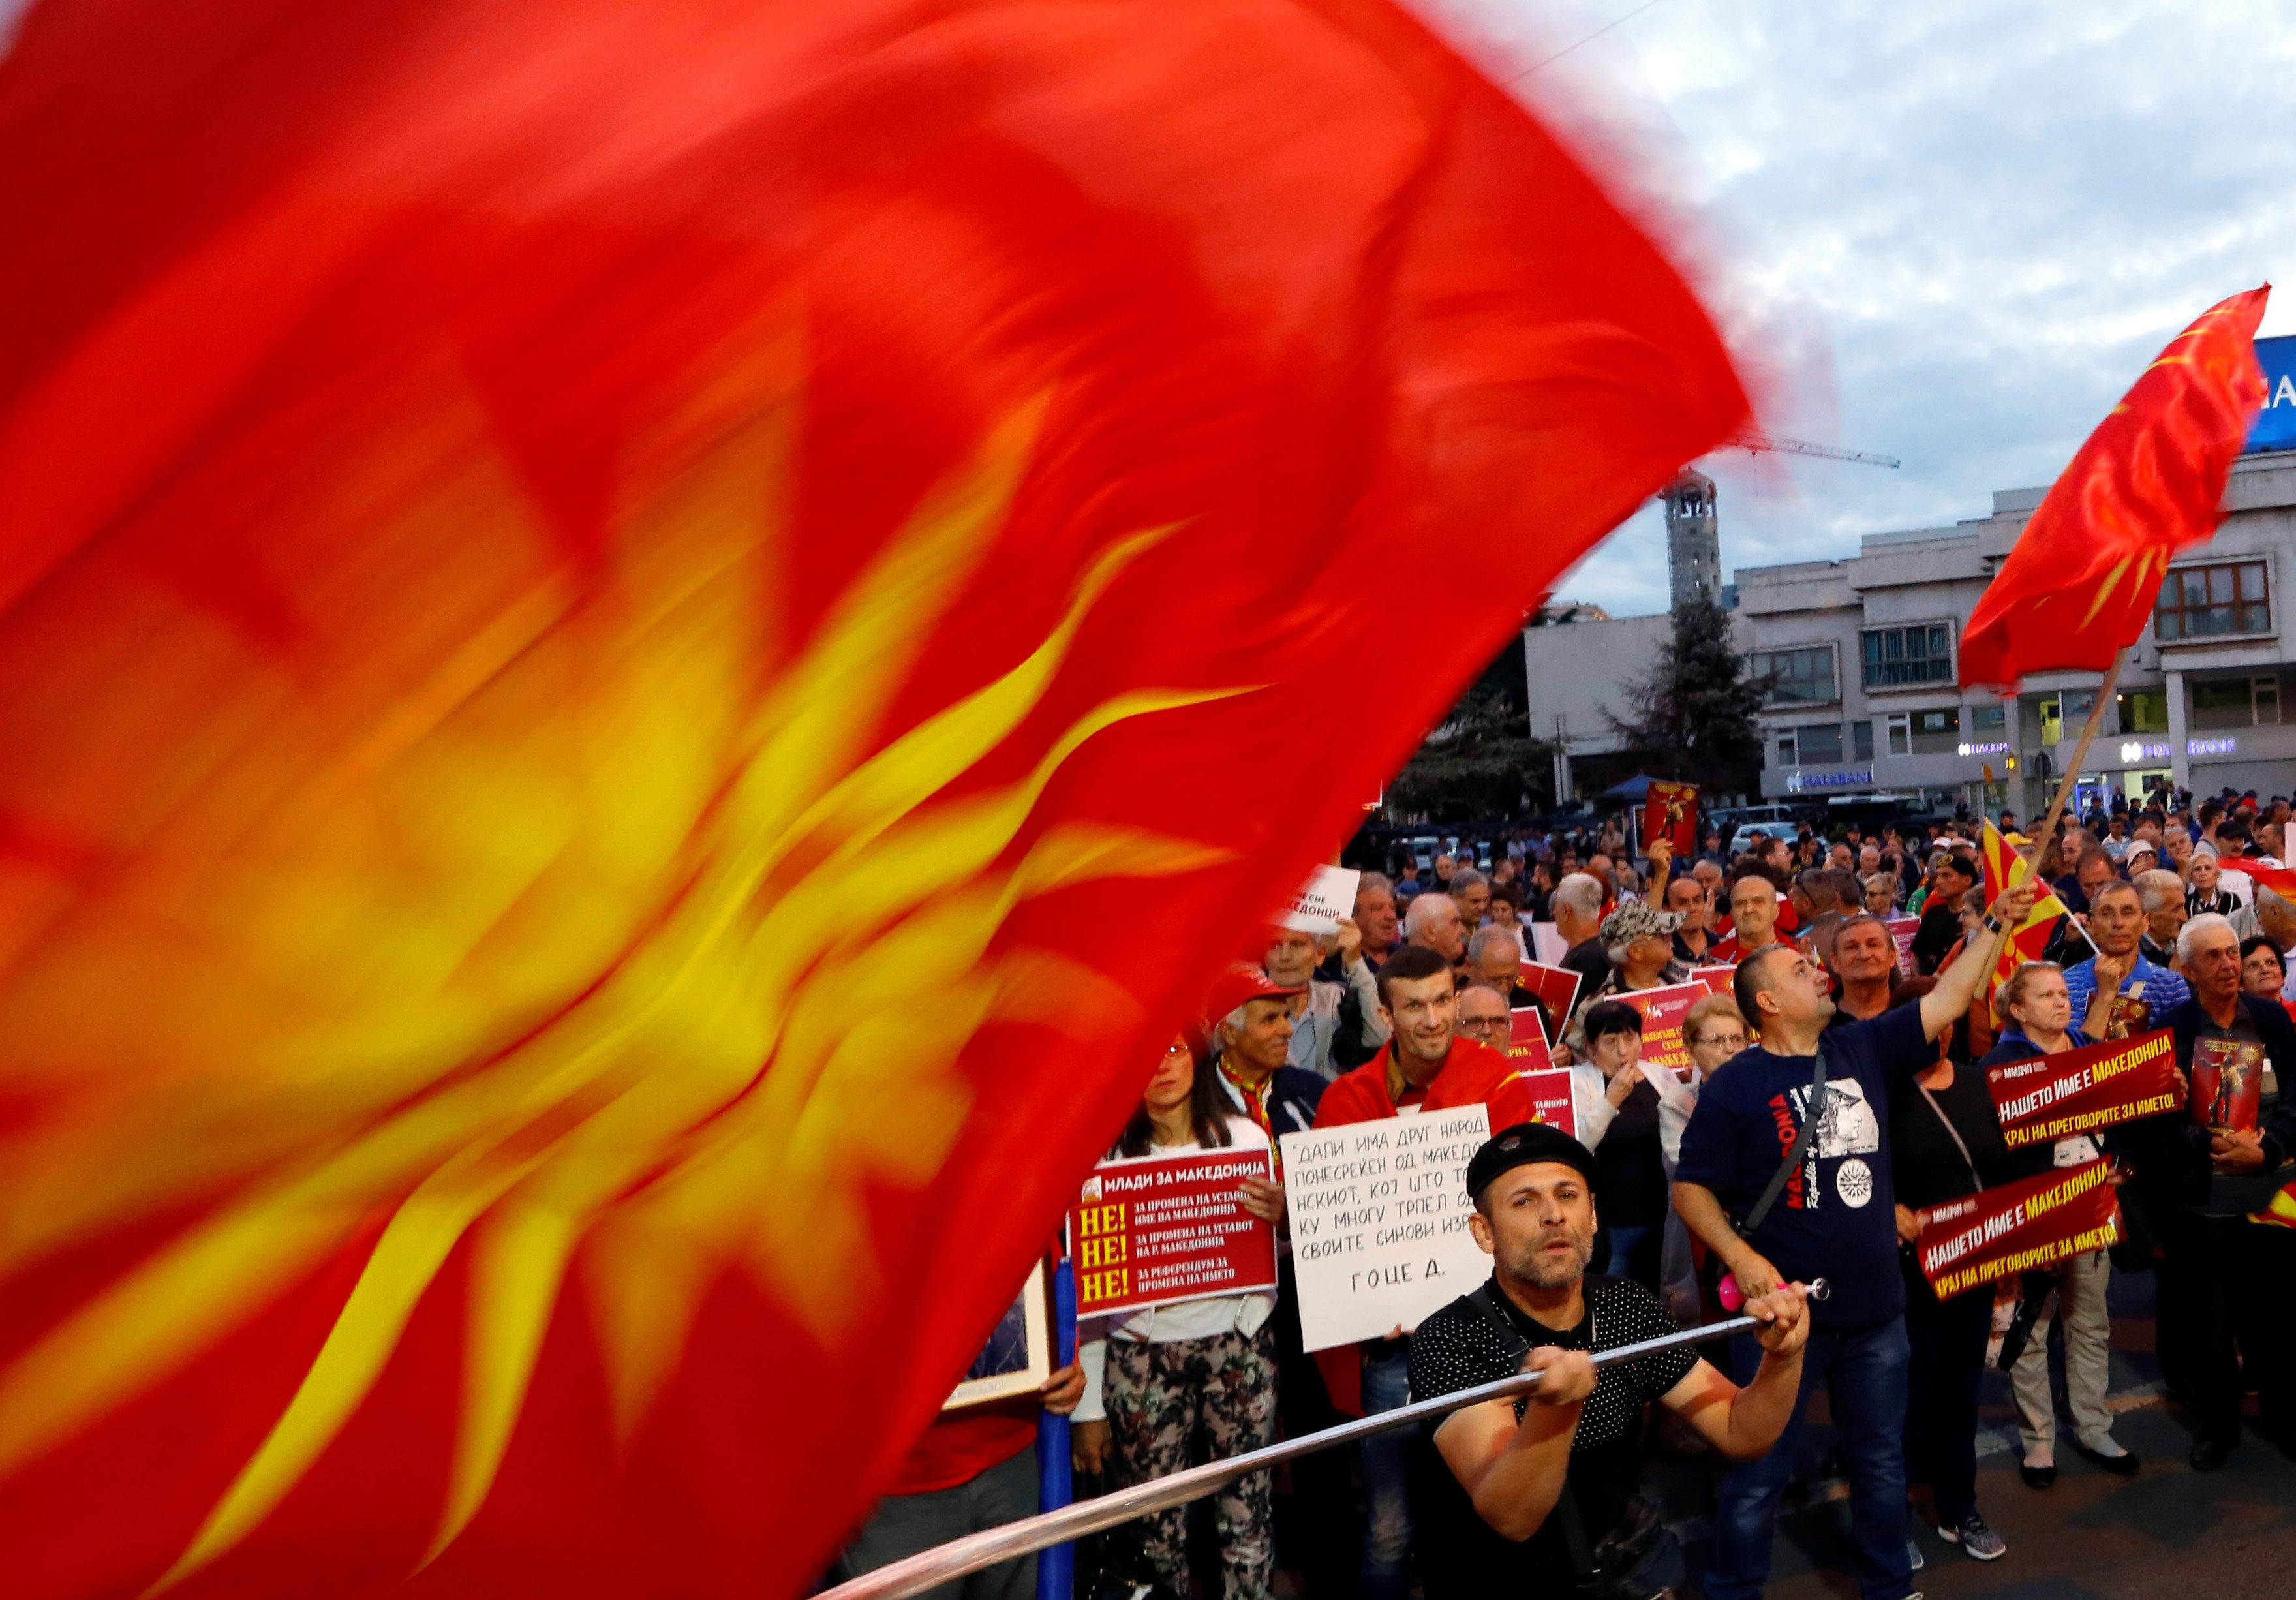 Συνάντηση Ζάεφ με πολιτικούς αρχηγούς της πΓΔΜ. Βασικό θέμα η διατύπωση του ερωτήματος στο